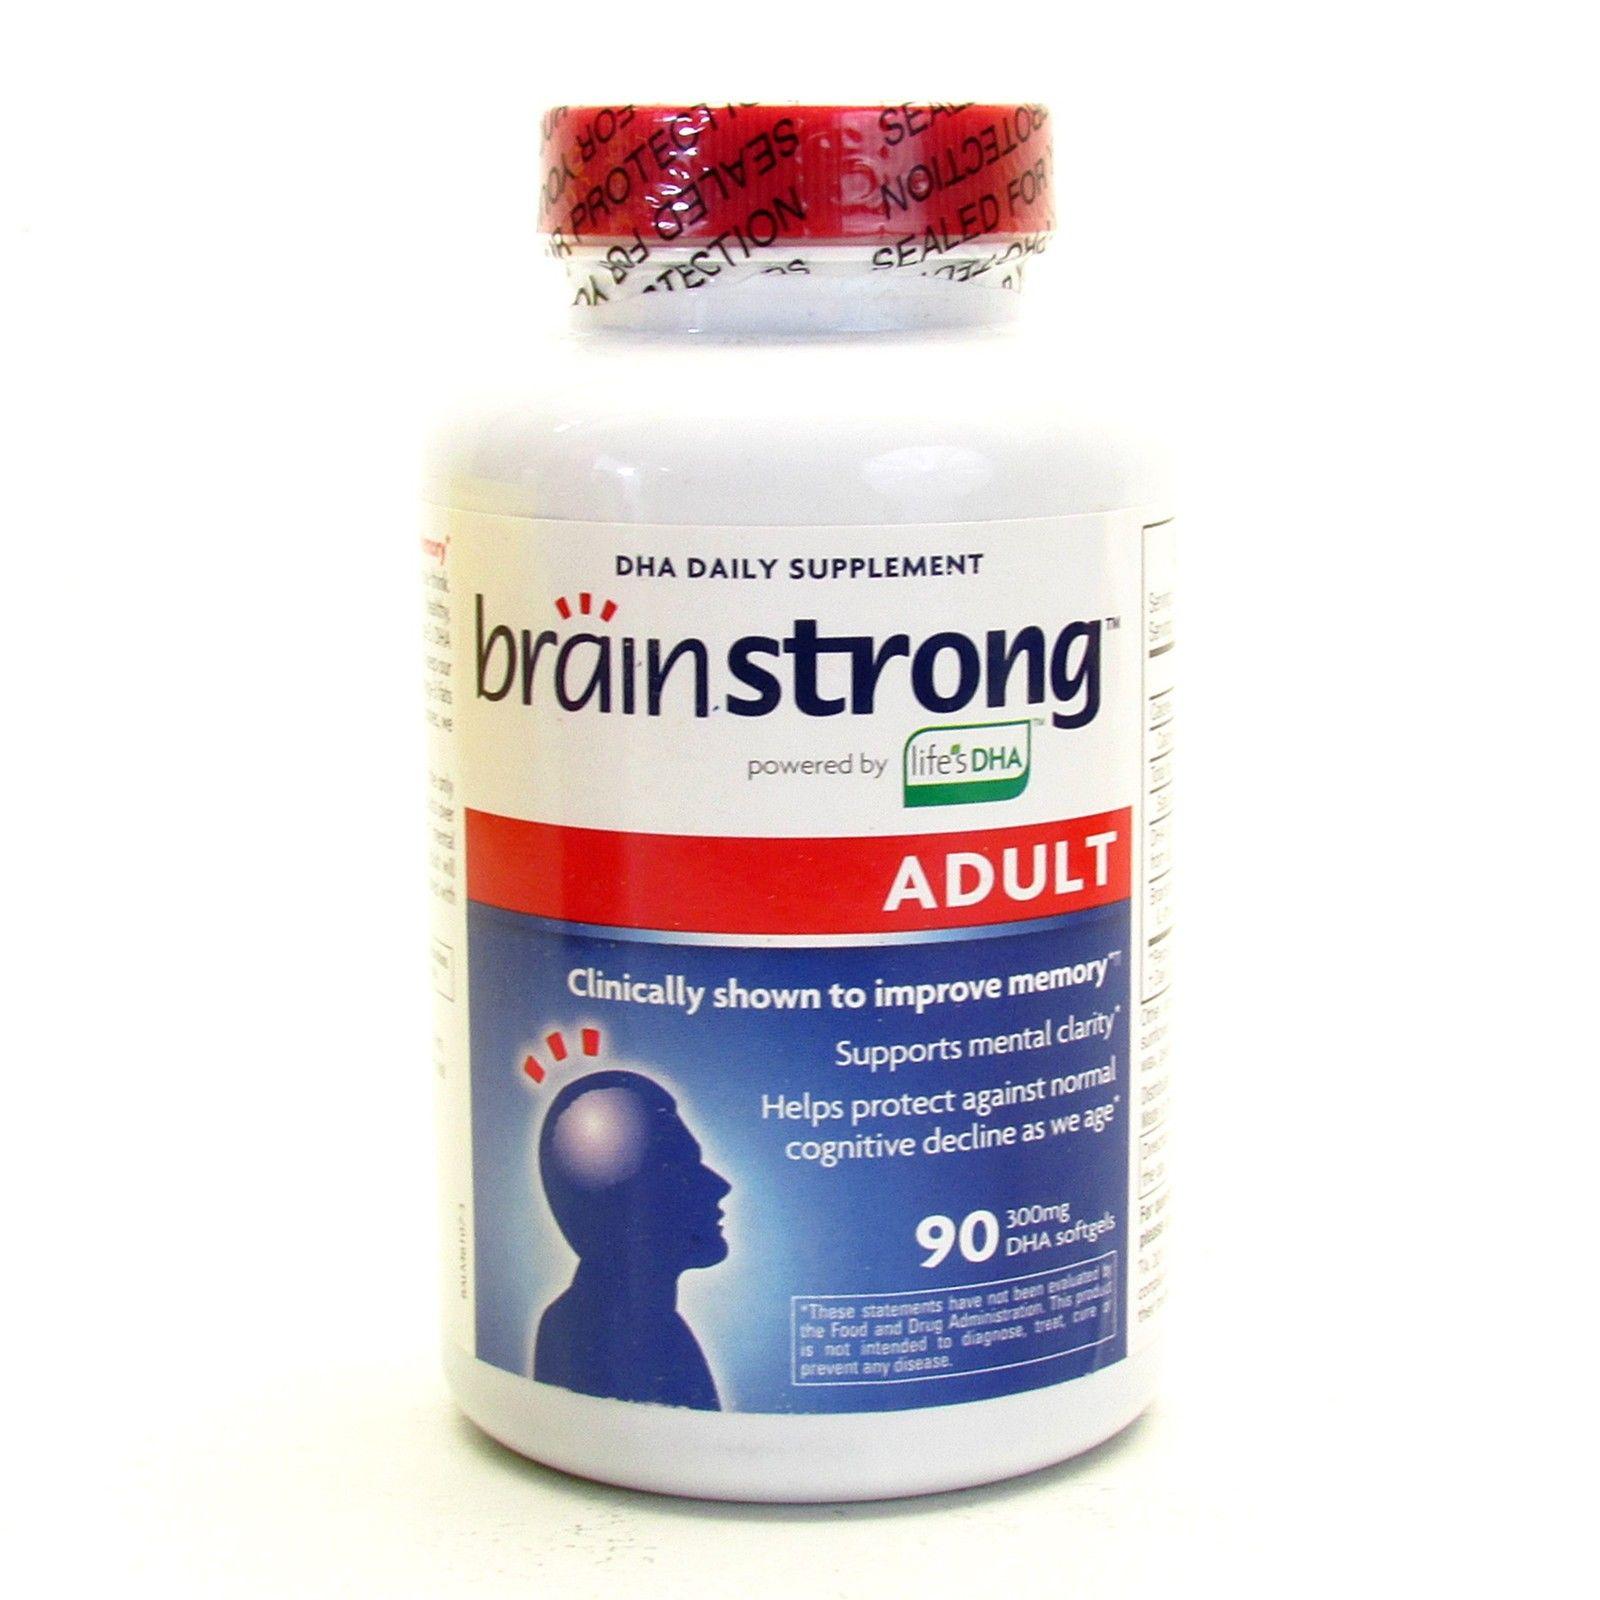 Brainstrong adult dha: thuốc giúp tăng cường trí nhớ cho người lớn, 300 mg 90 viên